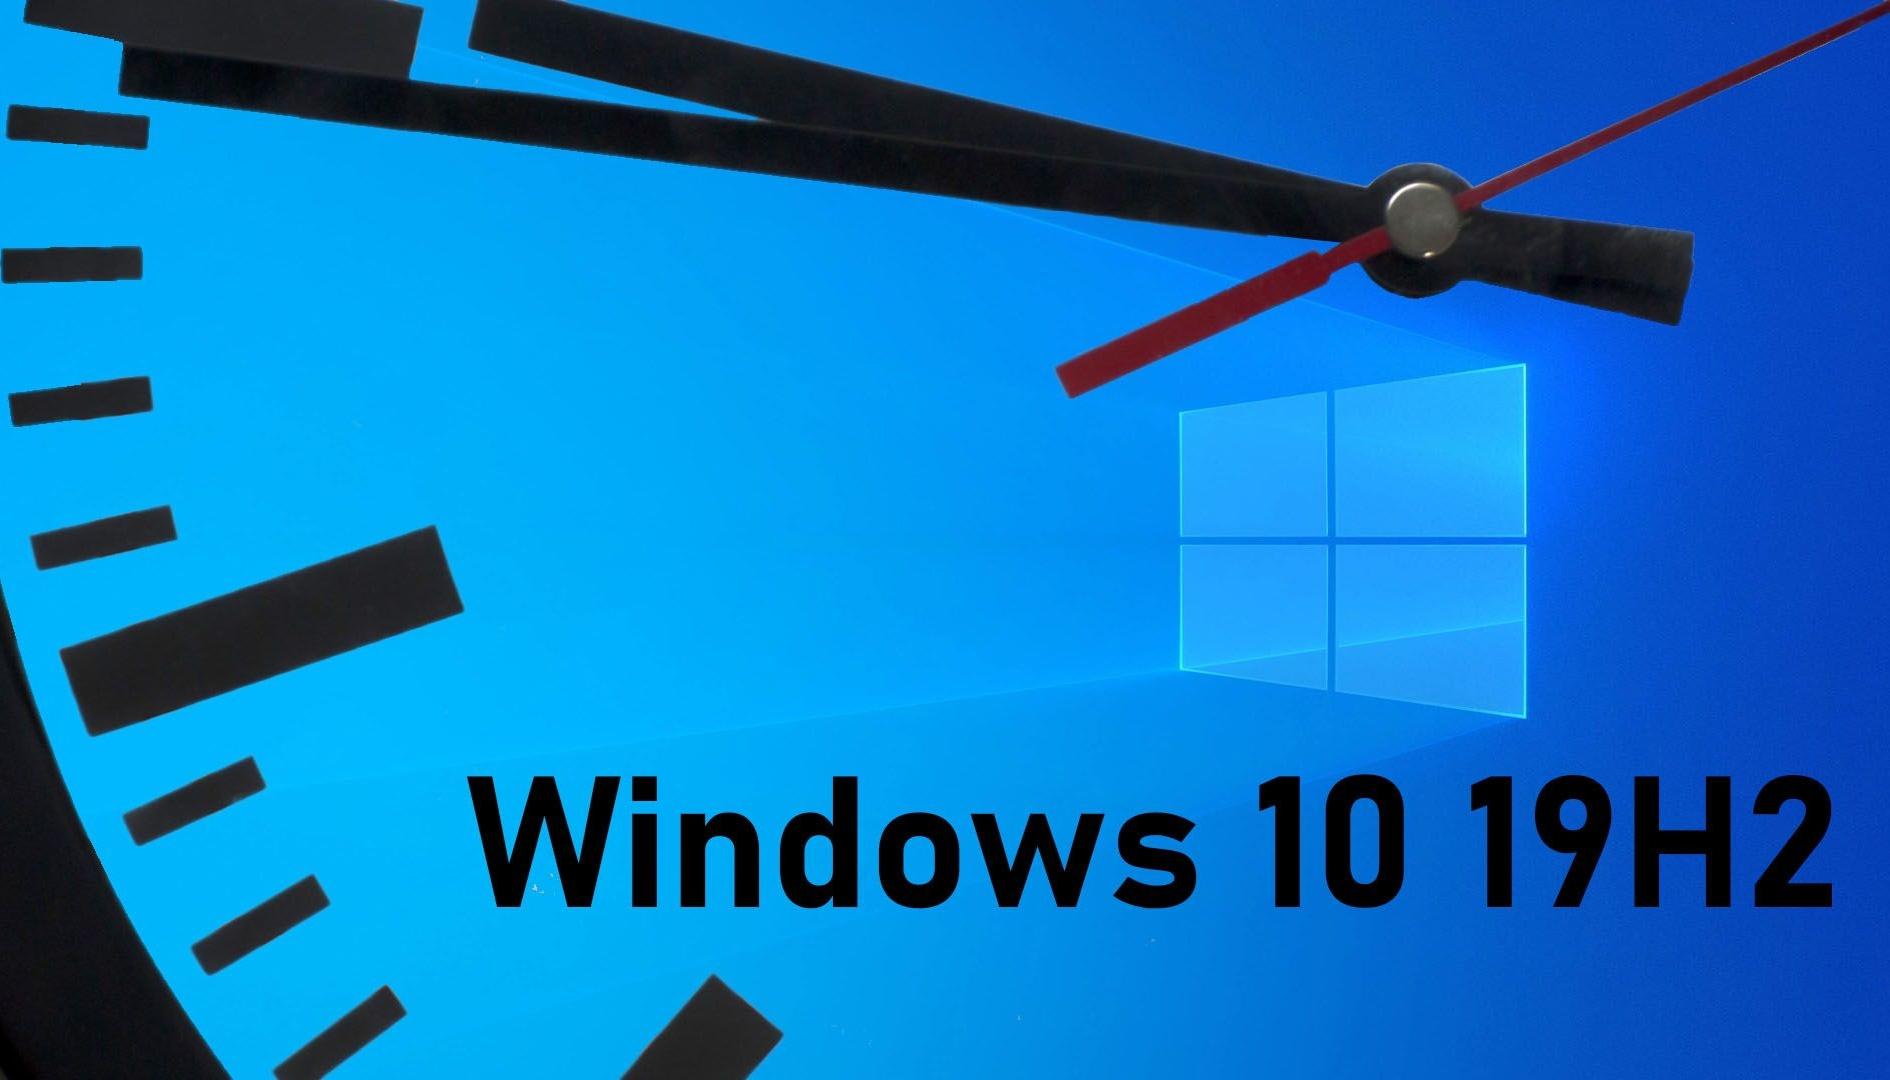 Windows 10 1909 (19H2) in arrivo, le principali novità